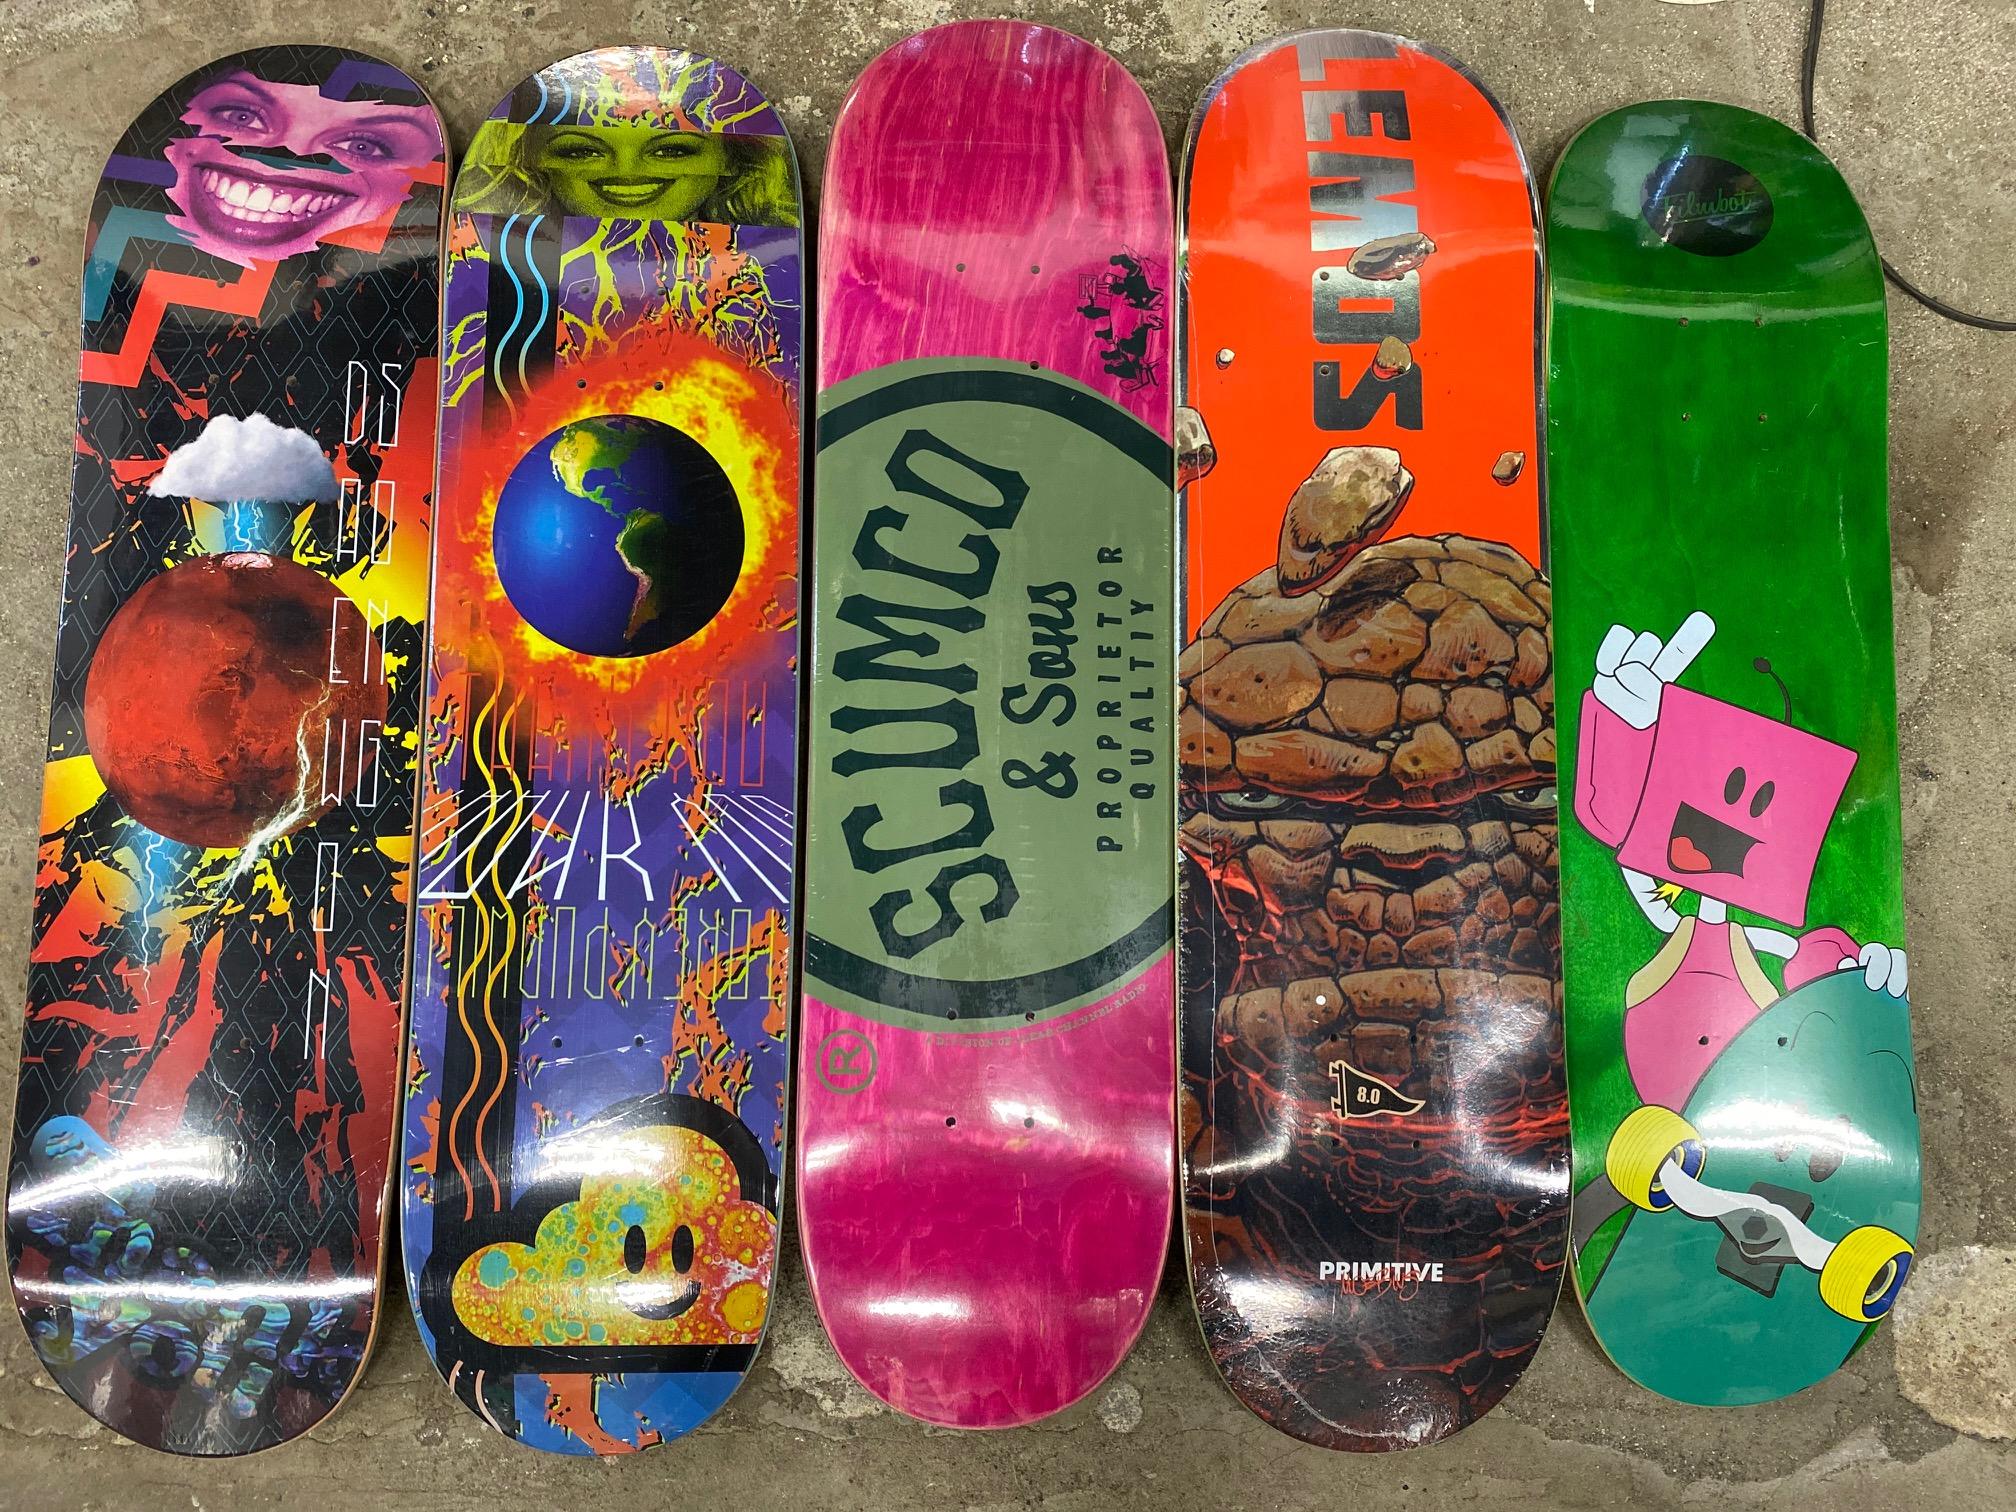 スケートアイテム Thank You skateboards、PRIMITIVE skateboards、SCUMCO&SONS、FILMBOT 入荷しました!!